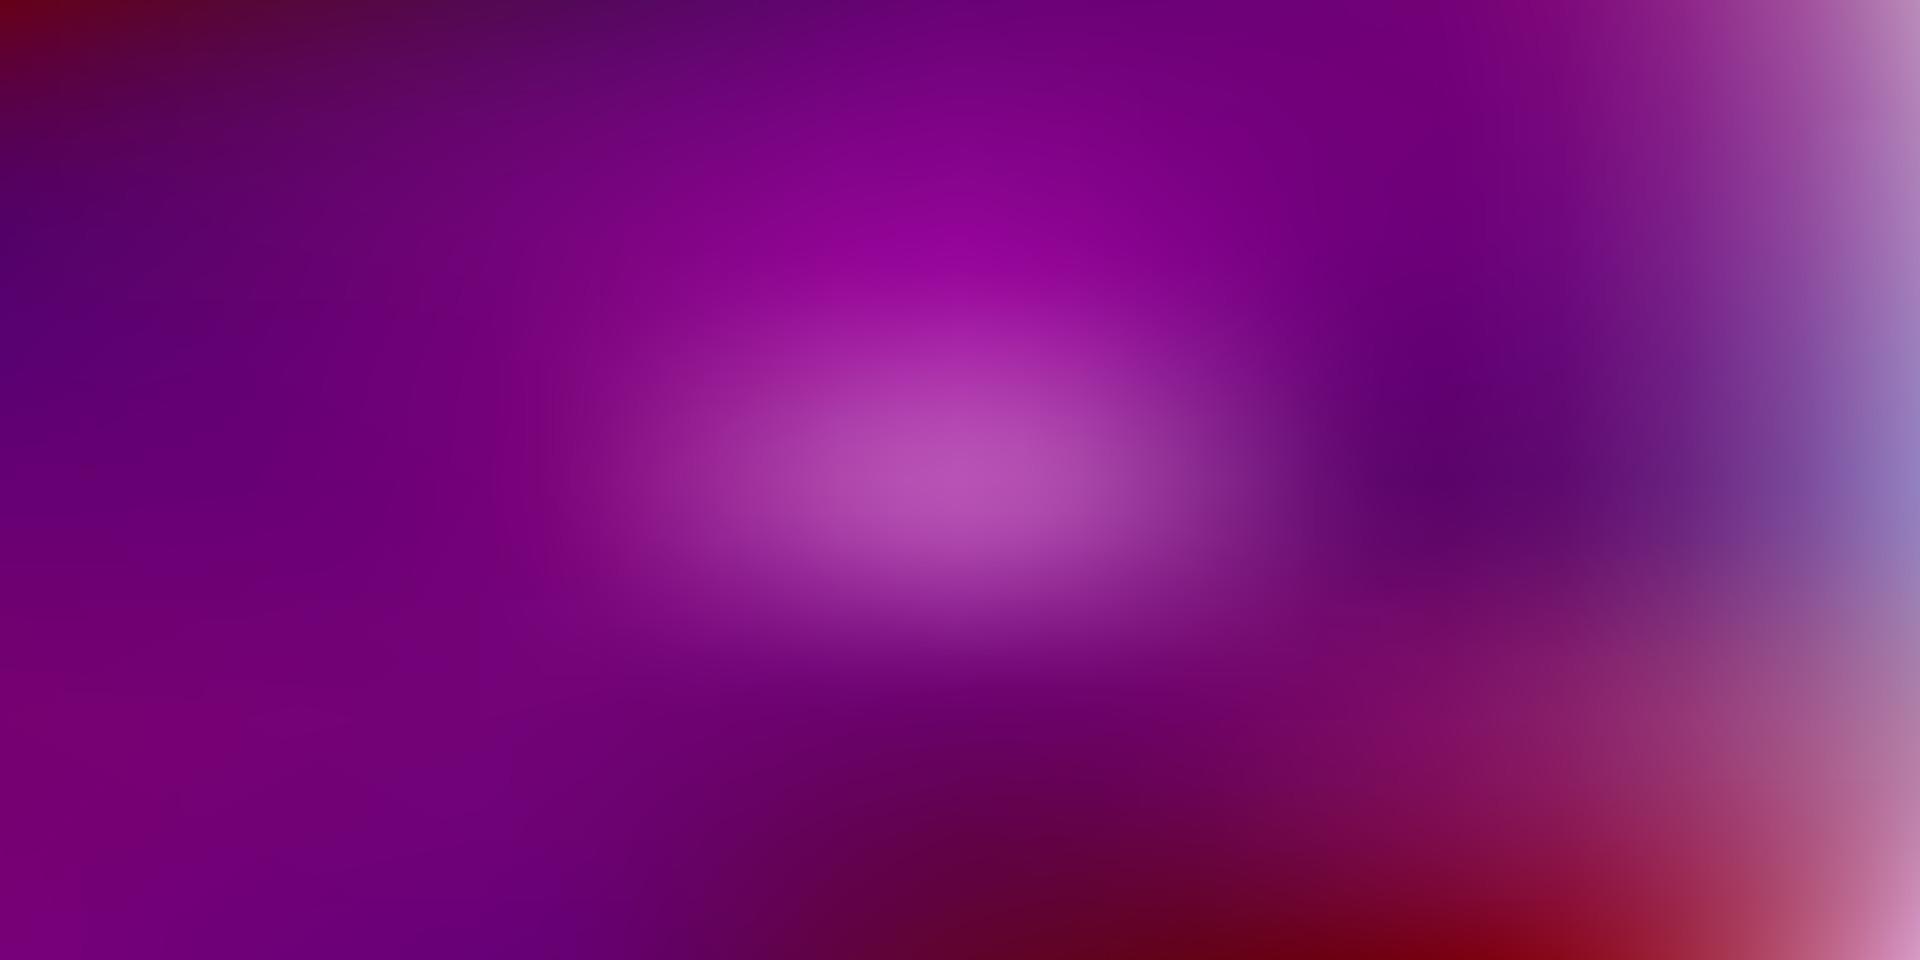 ljusrosa, röd vektor suddig mall.